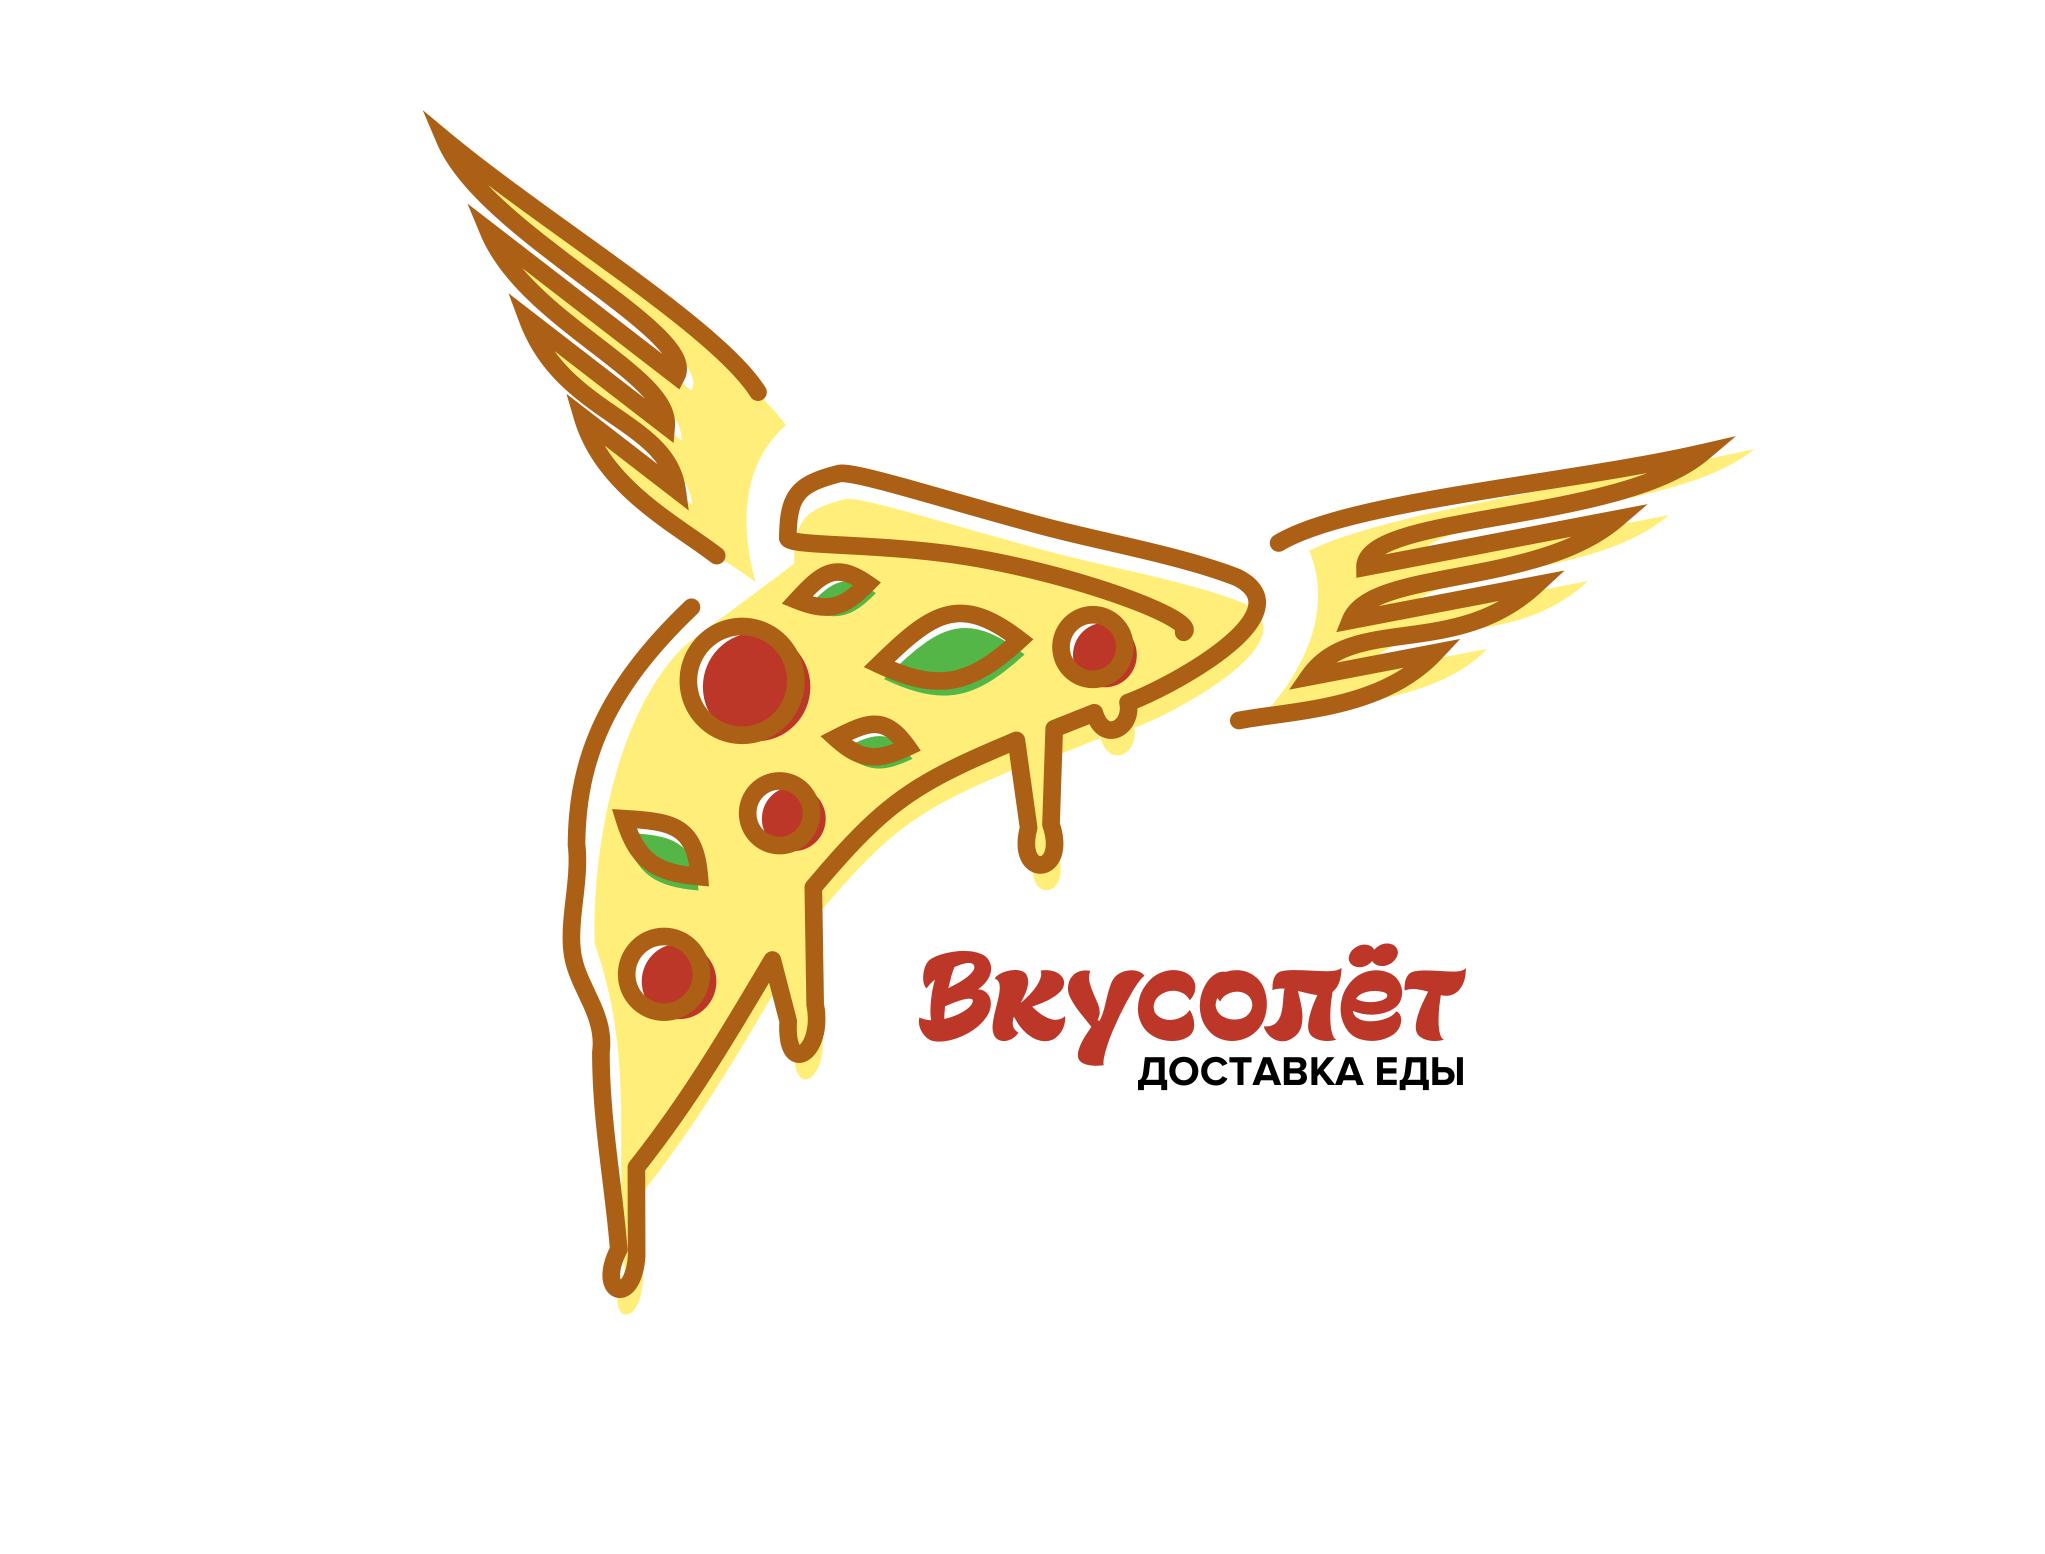 Логотип для доставки еды фото f_95959d4b699d8dfb.png